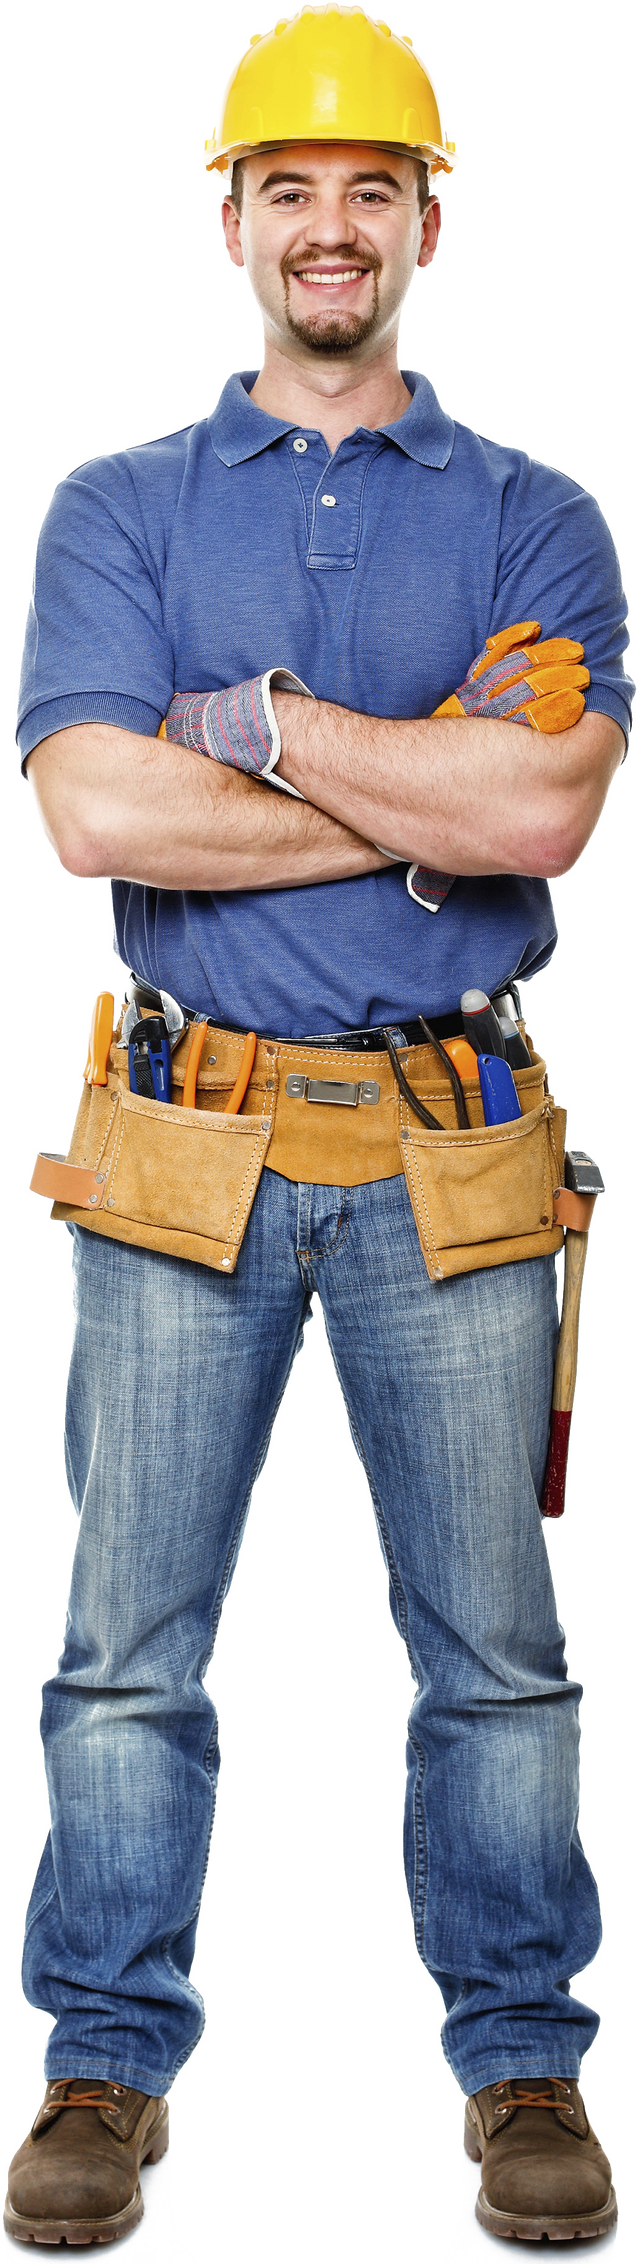 Electrical repair & maintenance expert